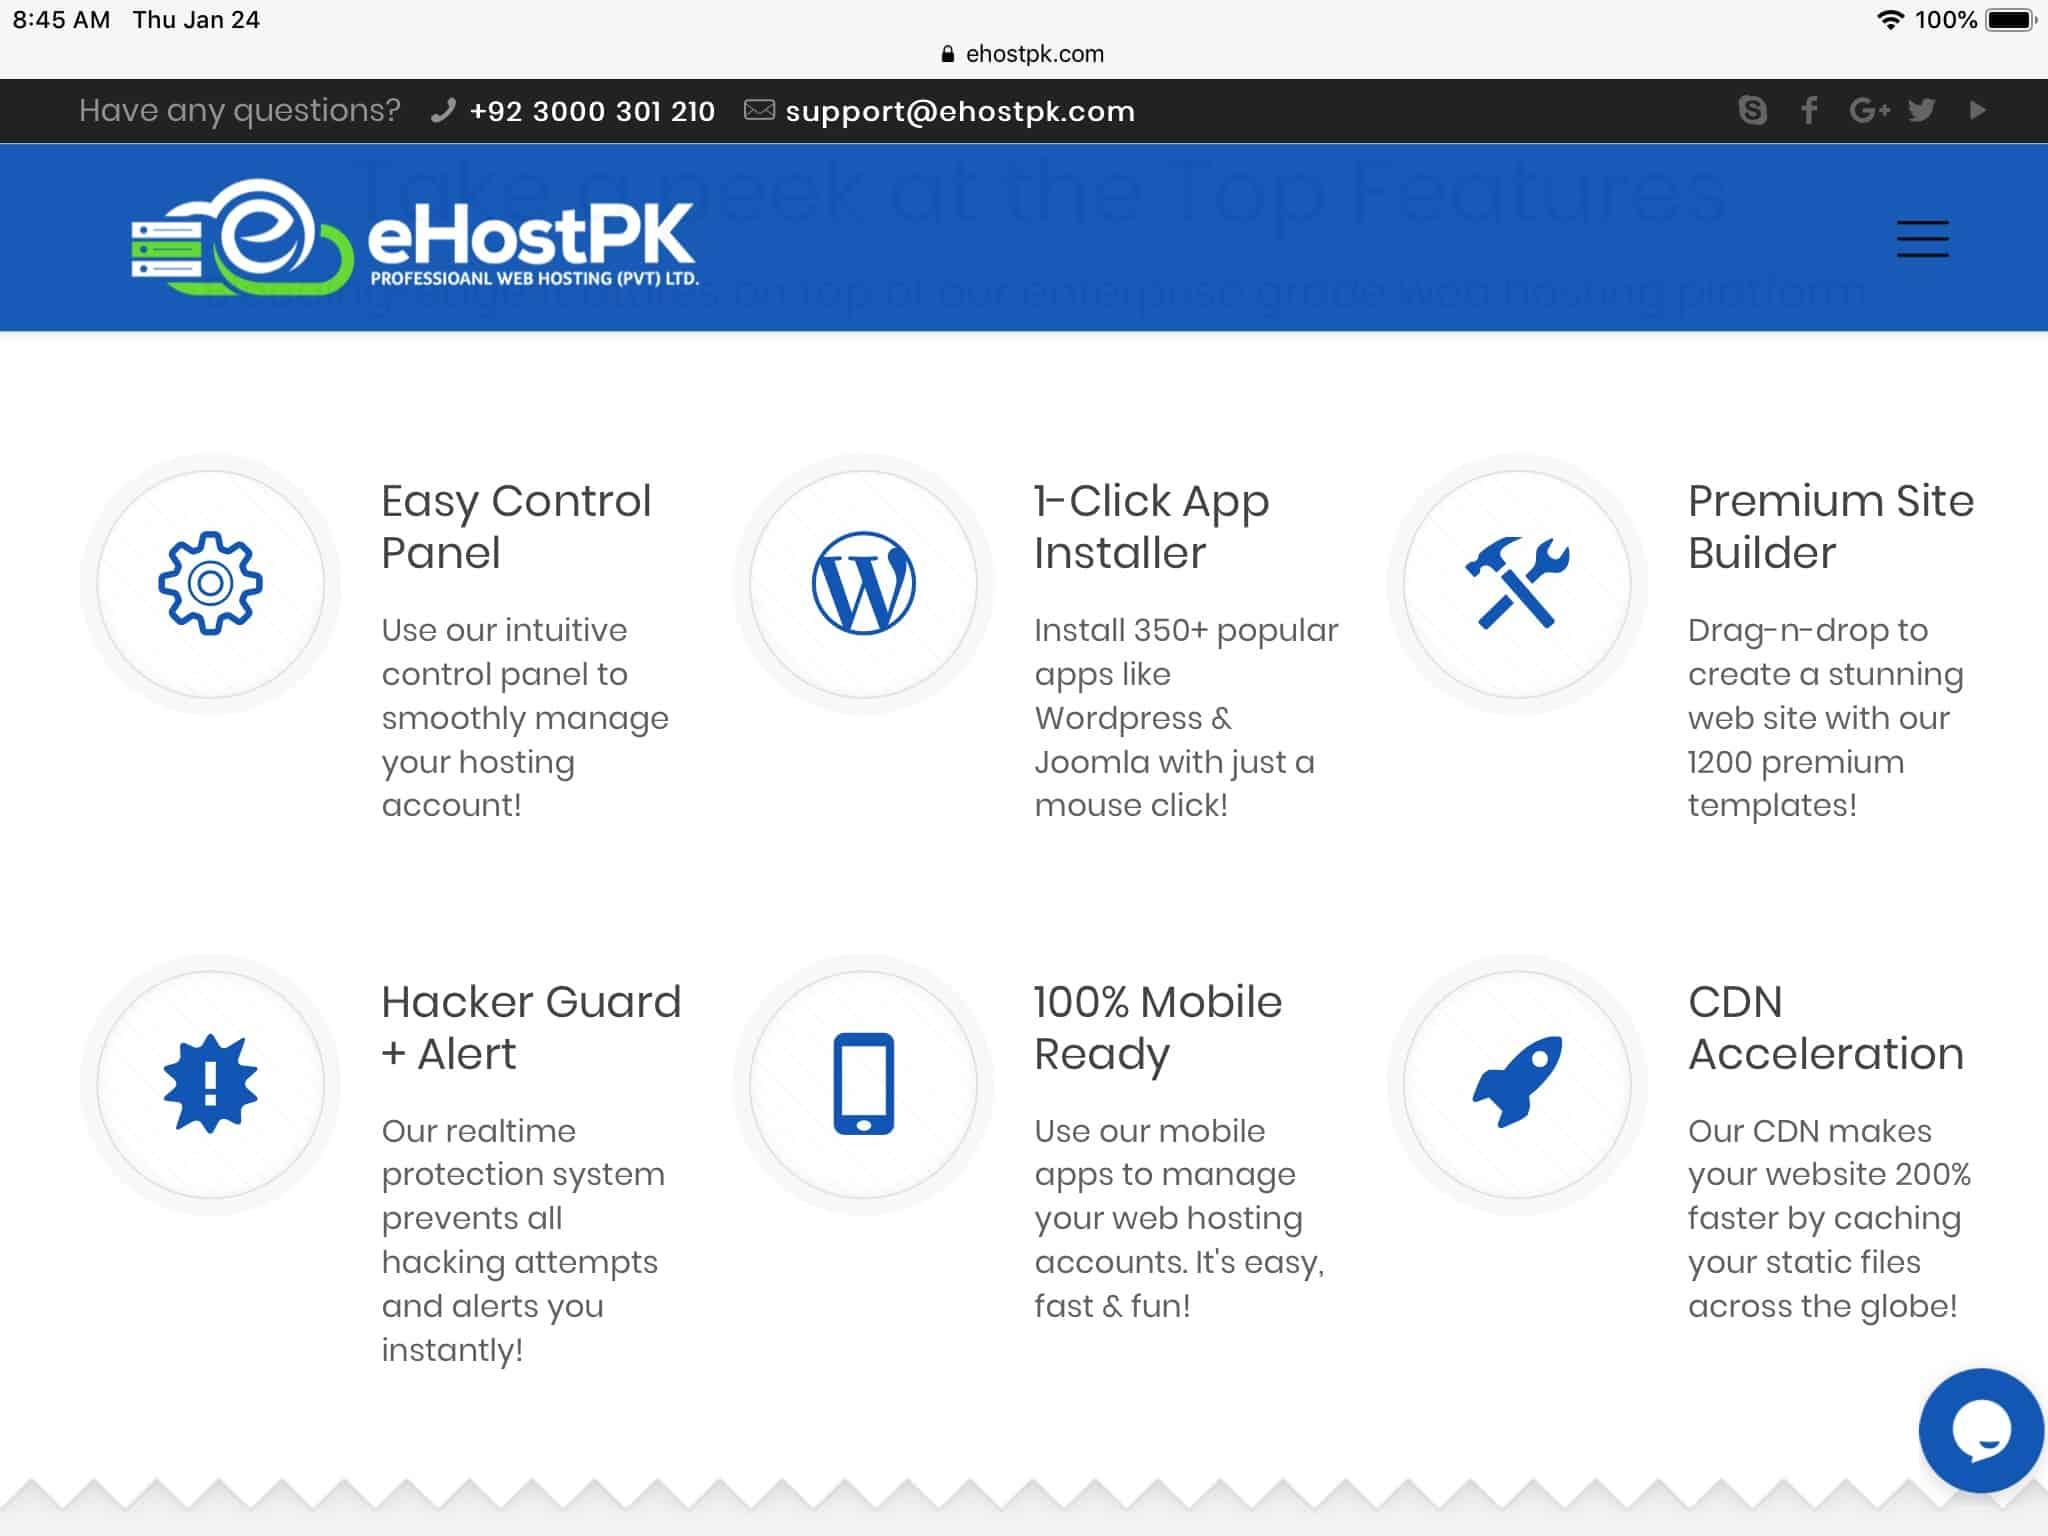 ehostpk-overview1